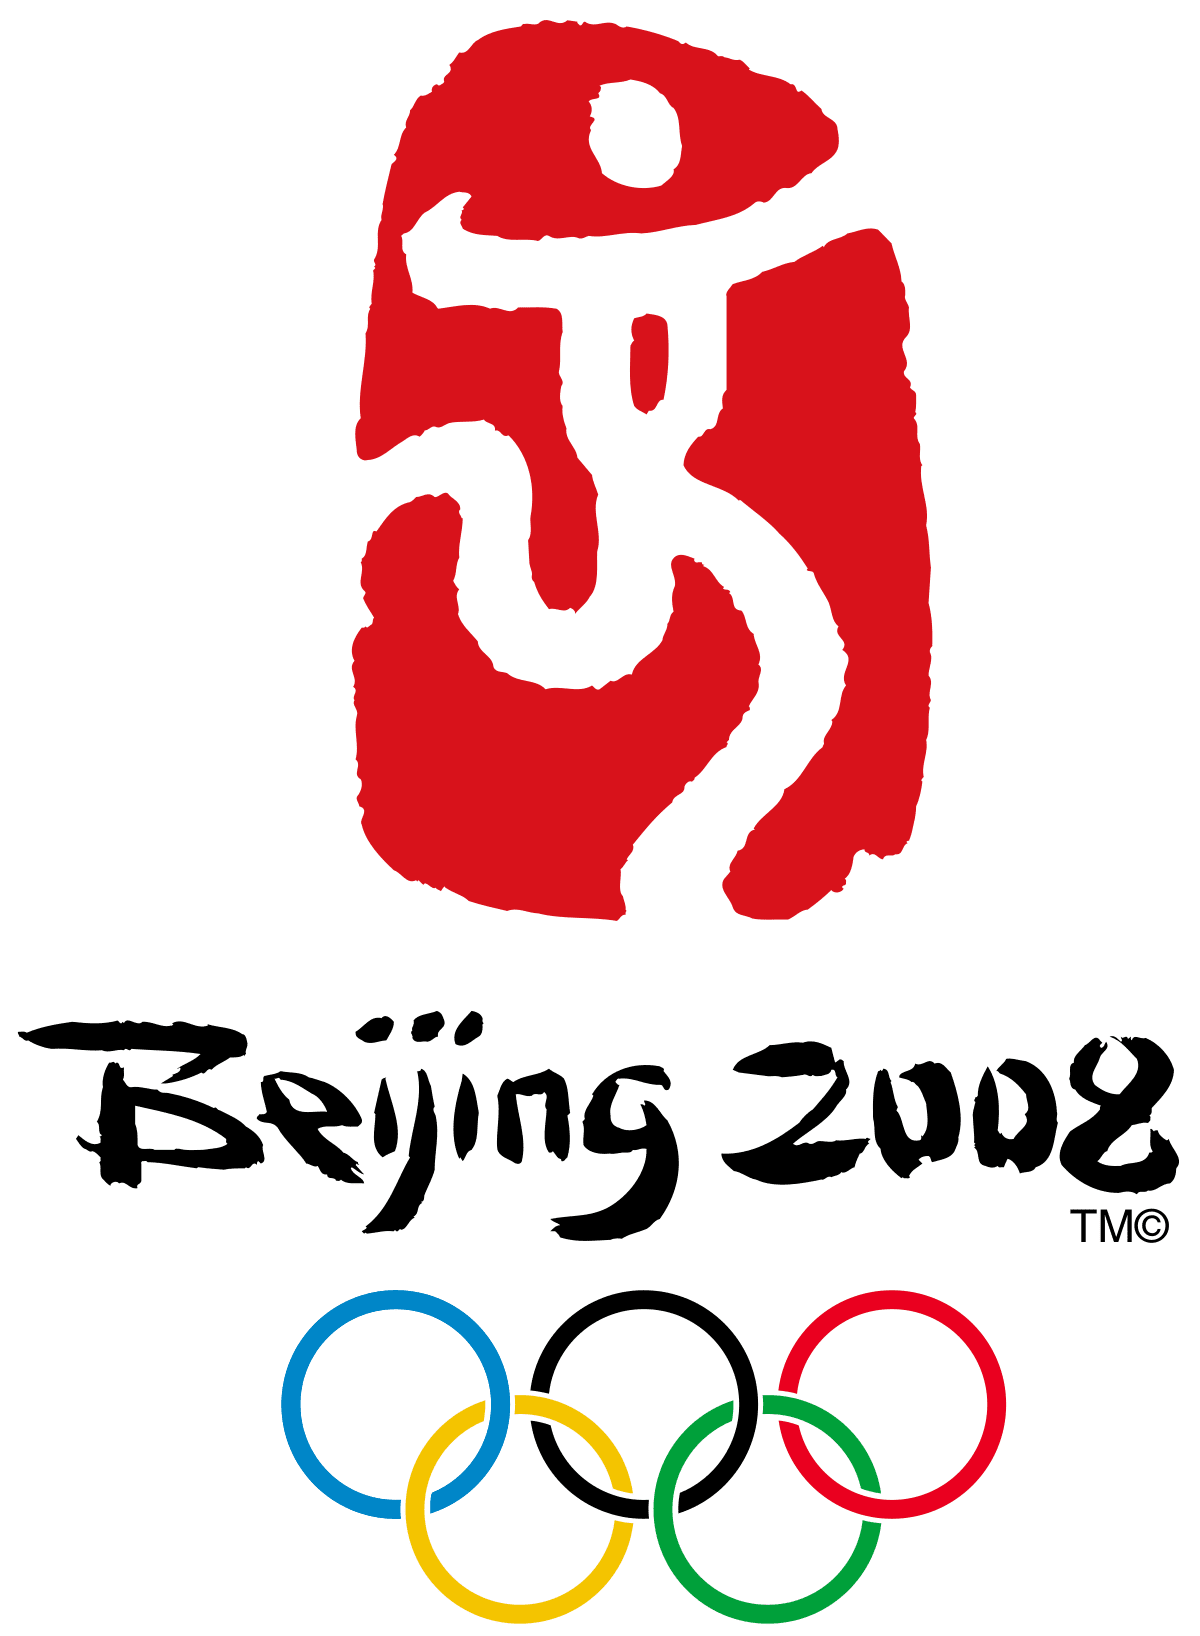 olympia wetten beijing 2008